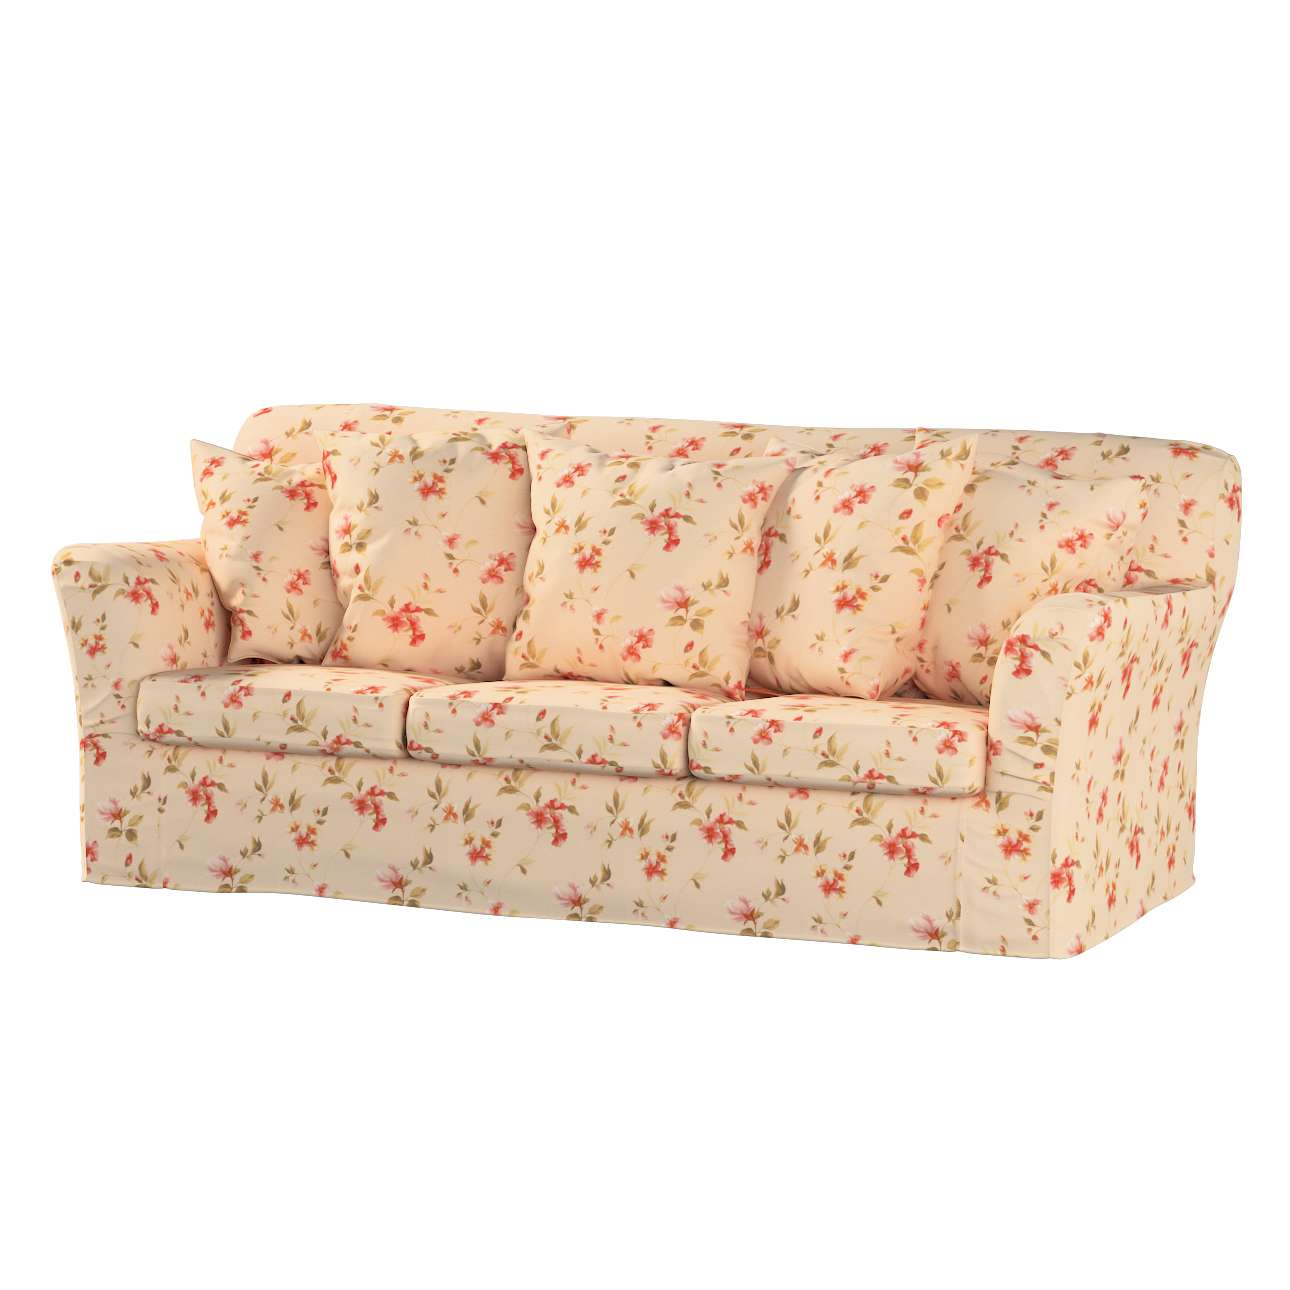 TOMELILLA  trivietės sofos užvalkalas TOMELILLA trivietė sofa kolekcijoje Londres, audinys: 124-05